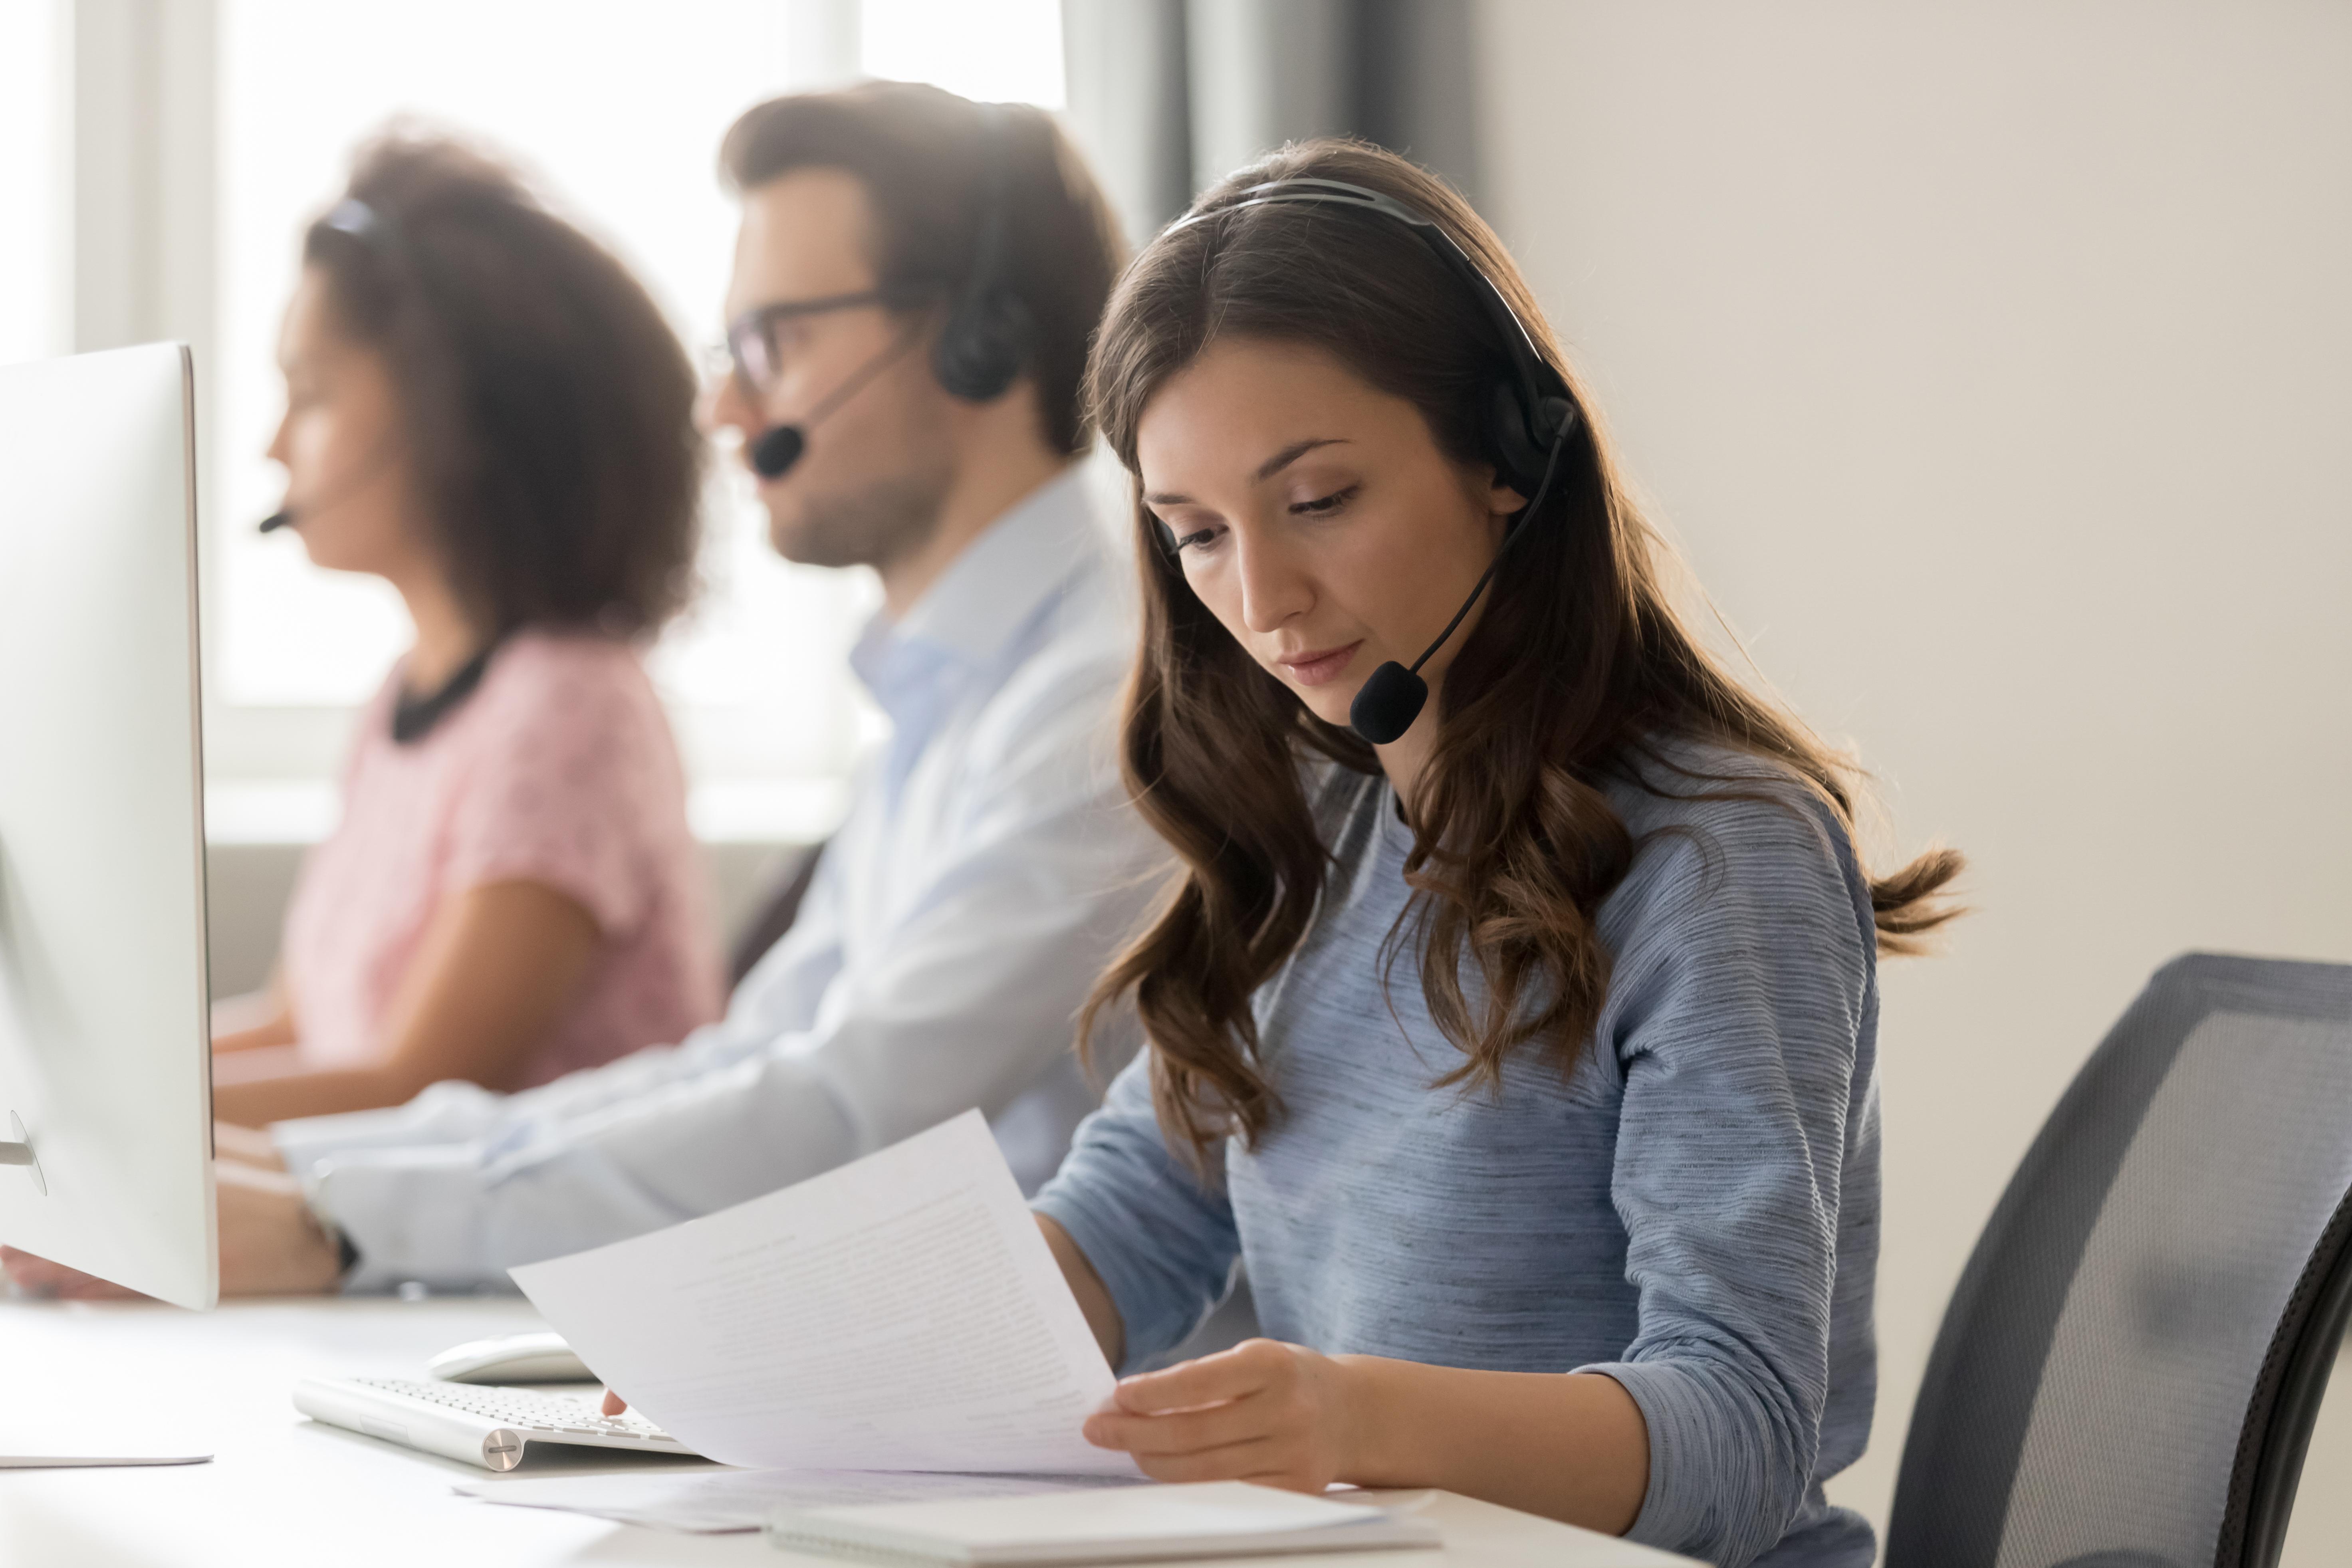 Tráfego telefônico em clínicas: o que todo gestor deve saber